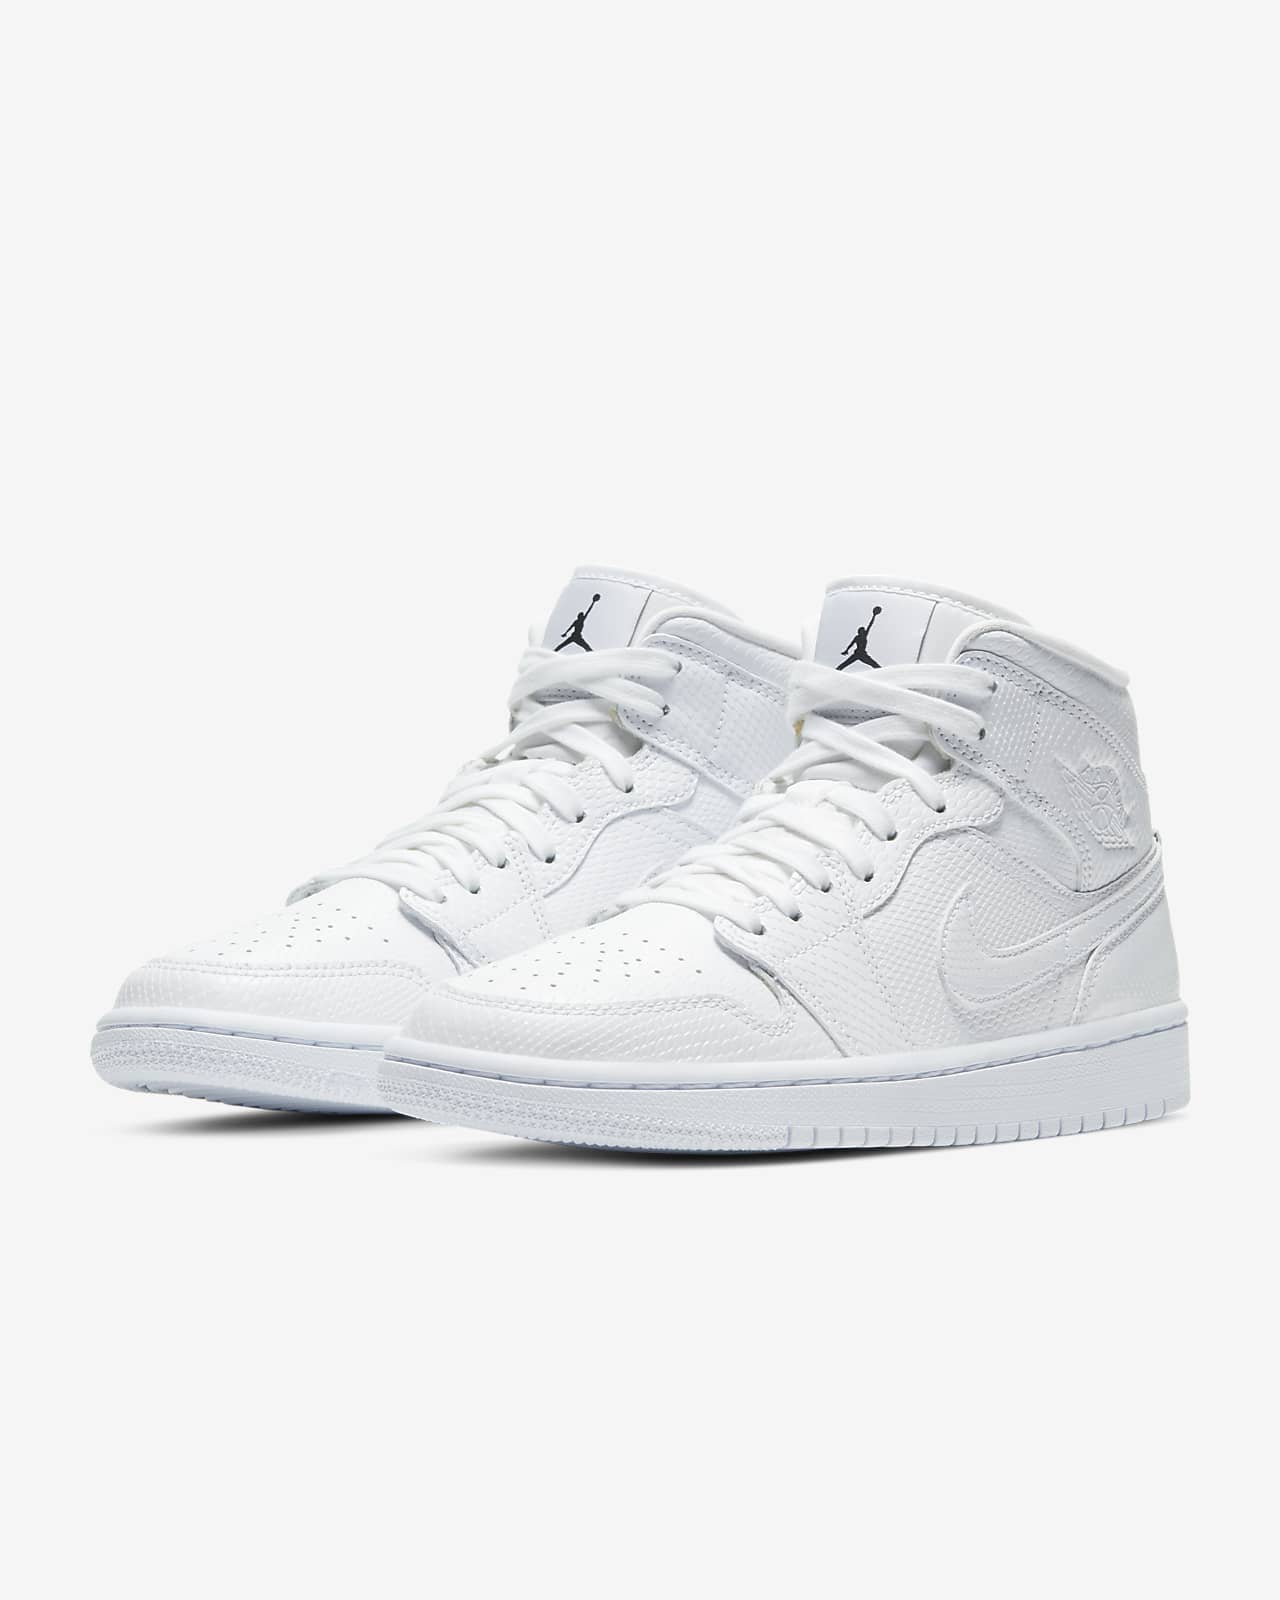 Chaussure Air Jordan 1 Mid pour Femme. Nike LU